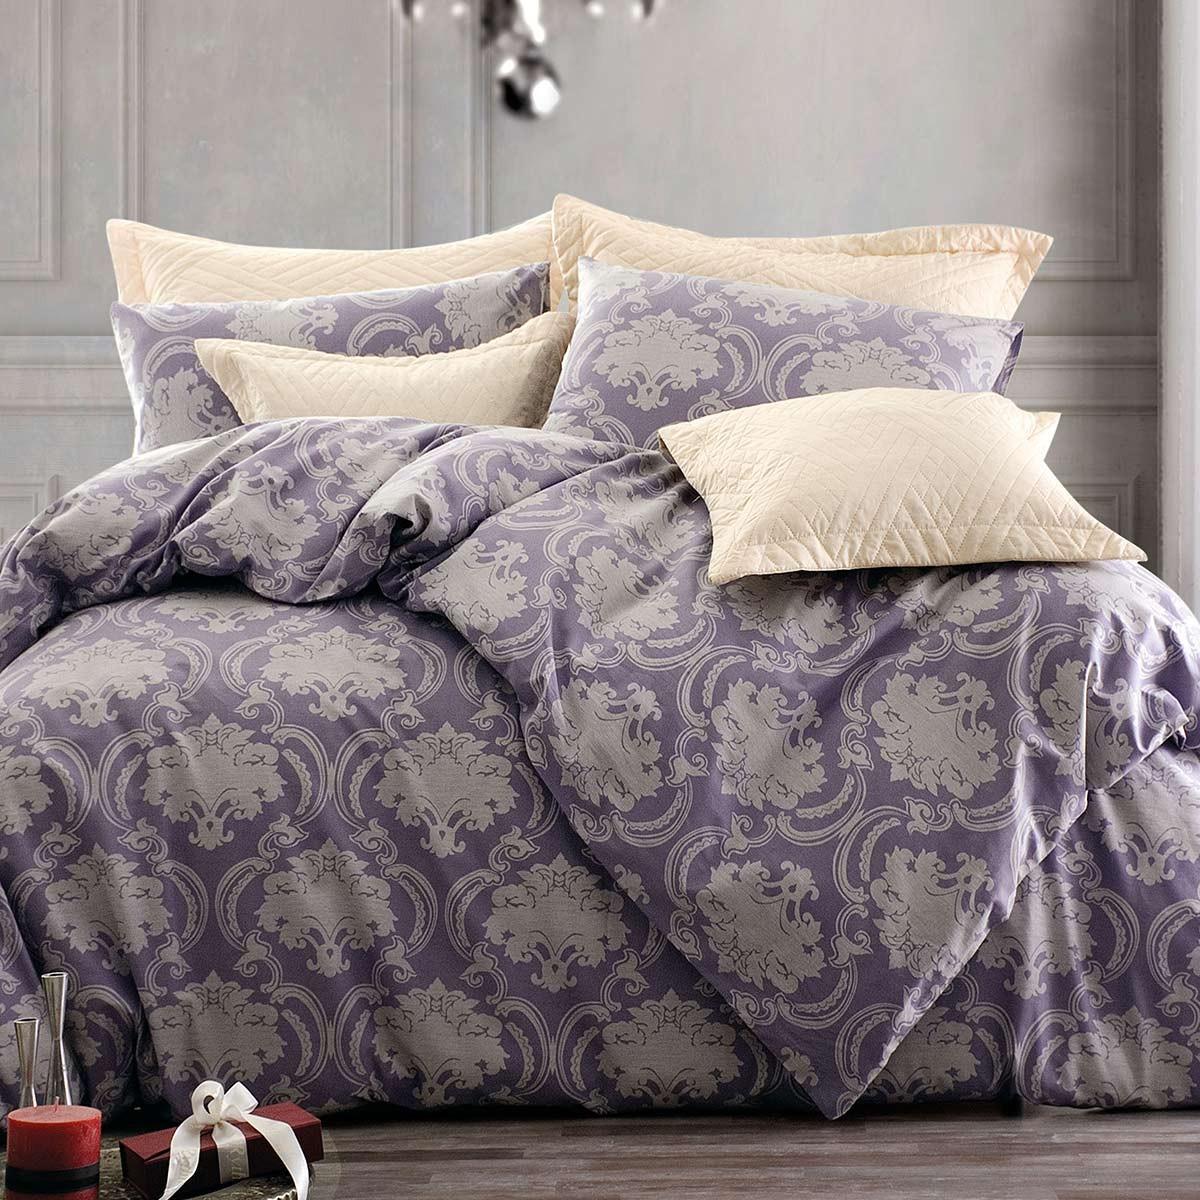 Σεντόνια Υπέρδιπλα (Σετ) Rythmos Symbol Abolina Purple ΜΕ ΛΑΣΤΙΧΟ ΜΕ ΛΑΣΤΙΧΟ